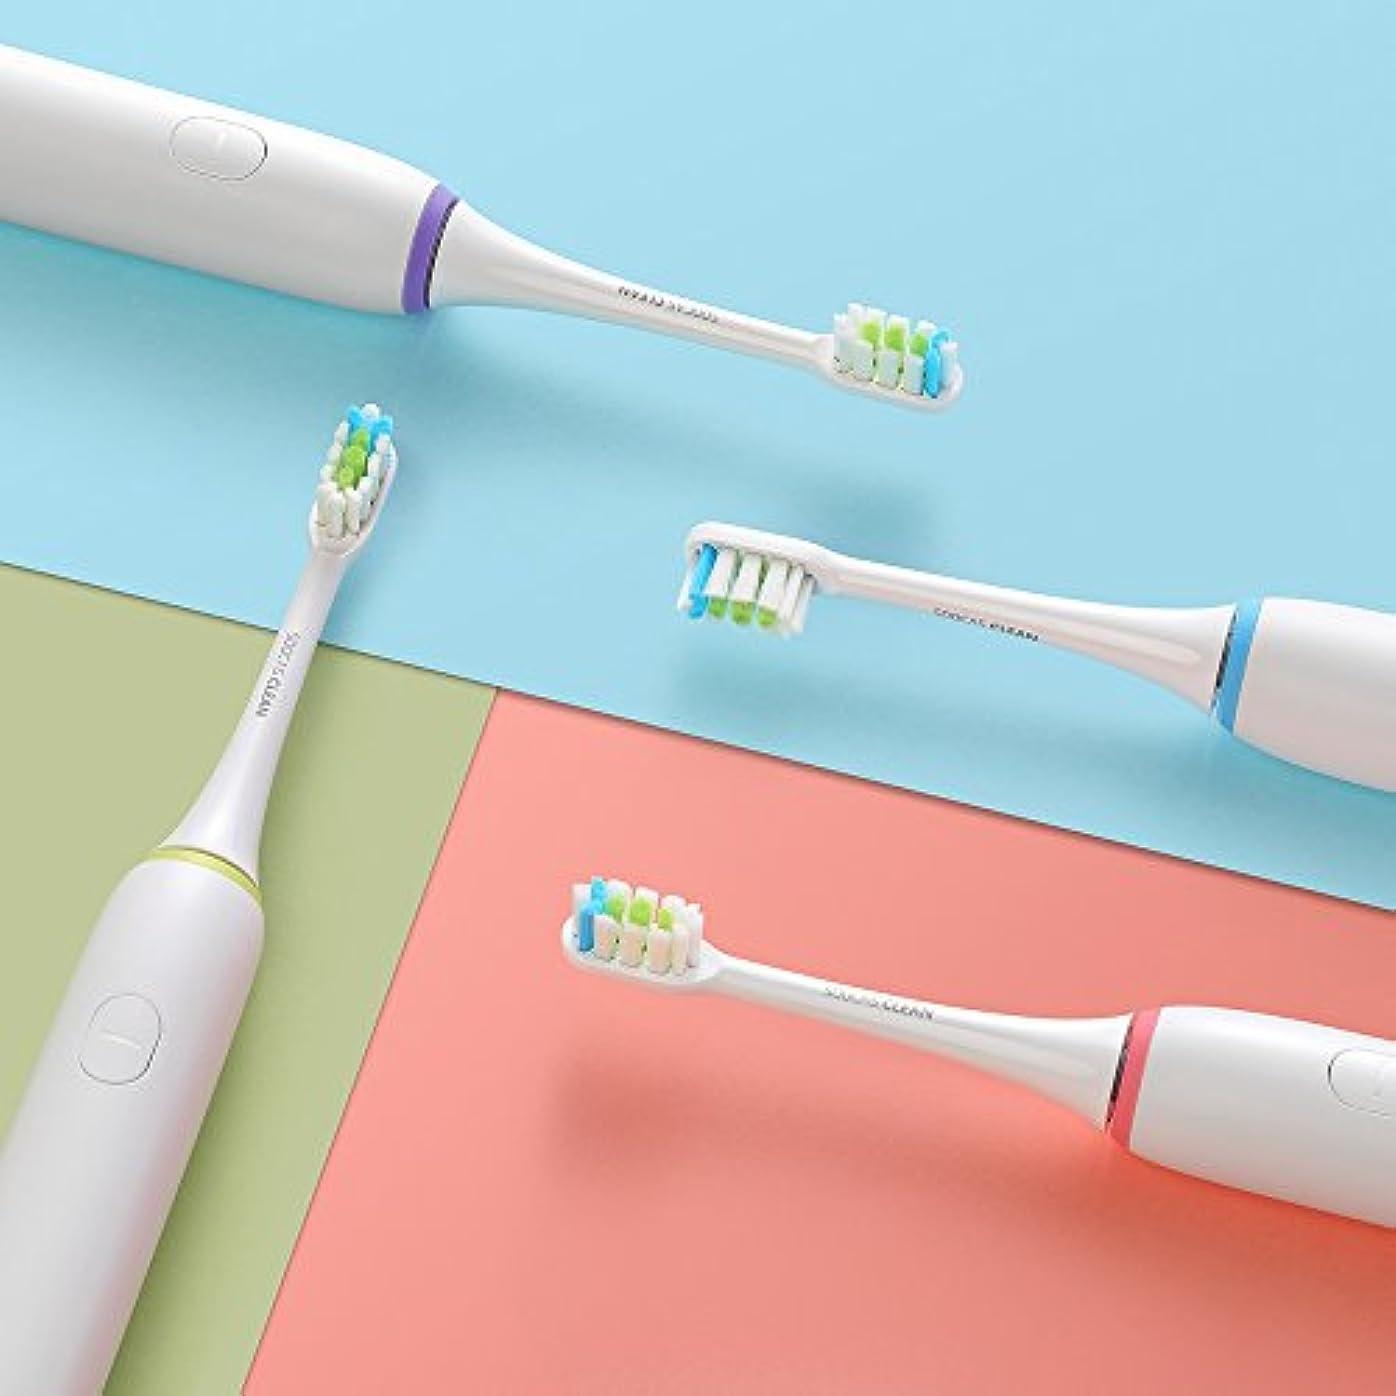 不可能な散髪公式Soocas X1電動音波歯ブラシは再充電可能バッテリーで駆動、2分間自動タイマーと3種類のオプション?クリーニング?モード、毎分37,200回のマイクロ振動、ホワイト